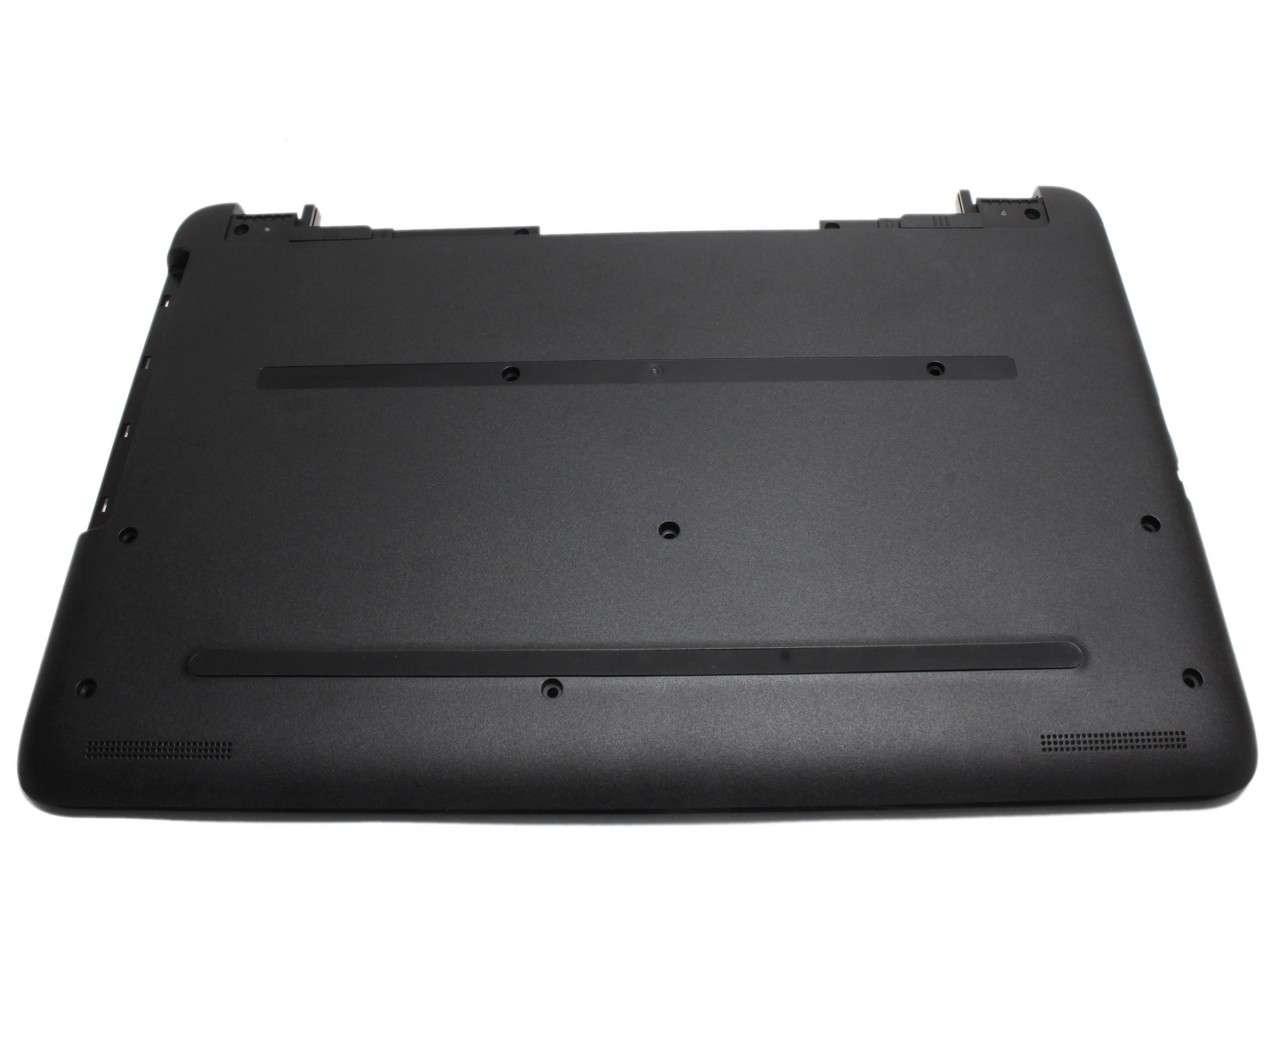 Bottom Case HP FA1EM000G10 Carcasa Inferioara Neagra imagine powerlaptop.ro 2021